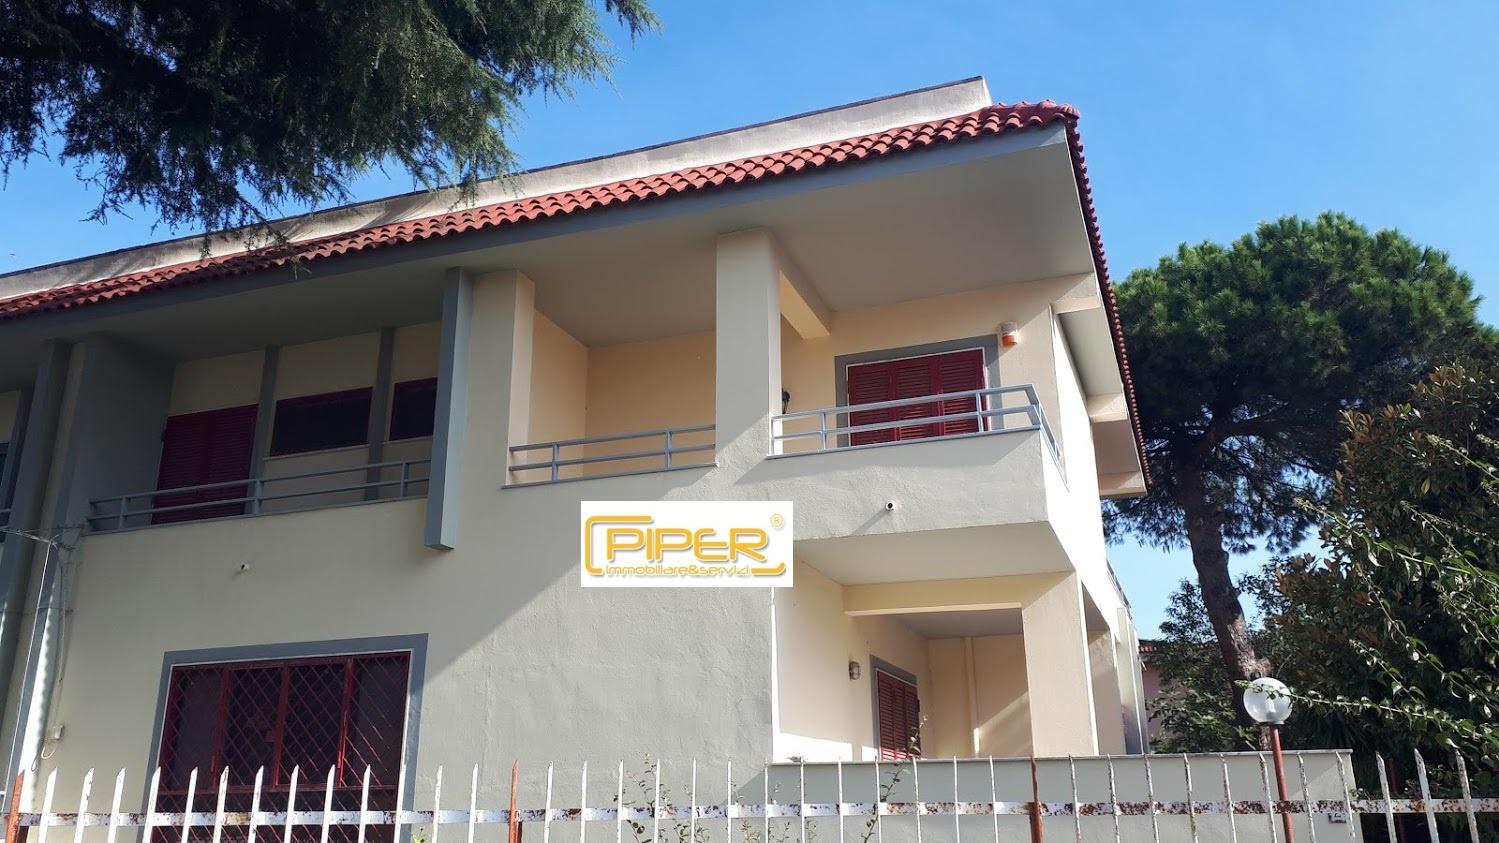 Villa in affitto a Giugliano in Campania, 6 locali, zona Zona: Licola, prezzo € 800   CambioCasa.it